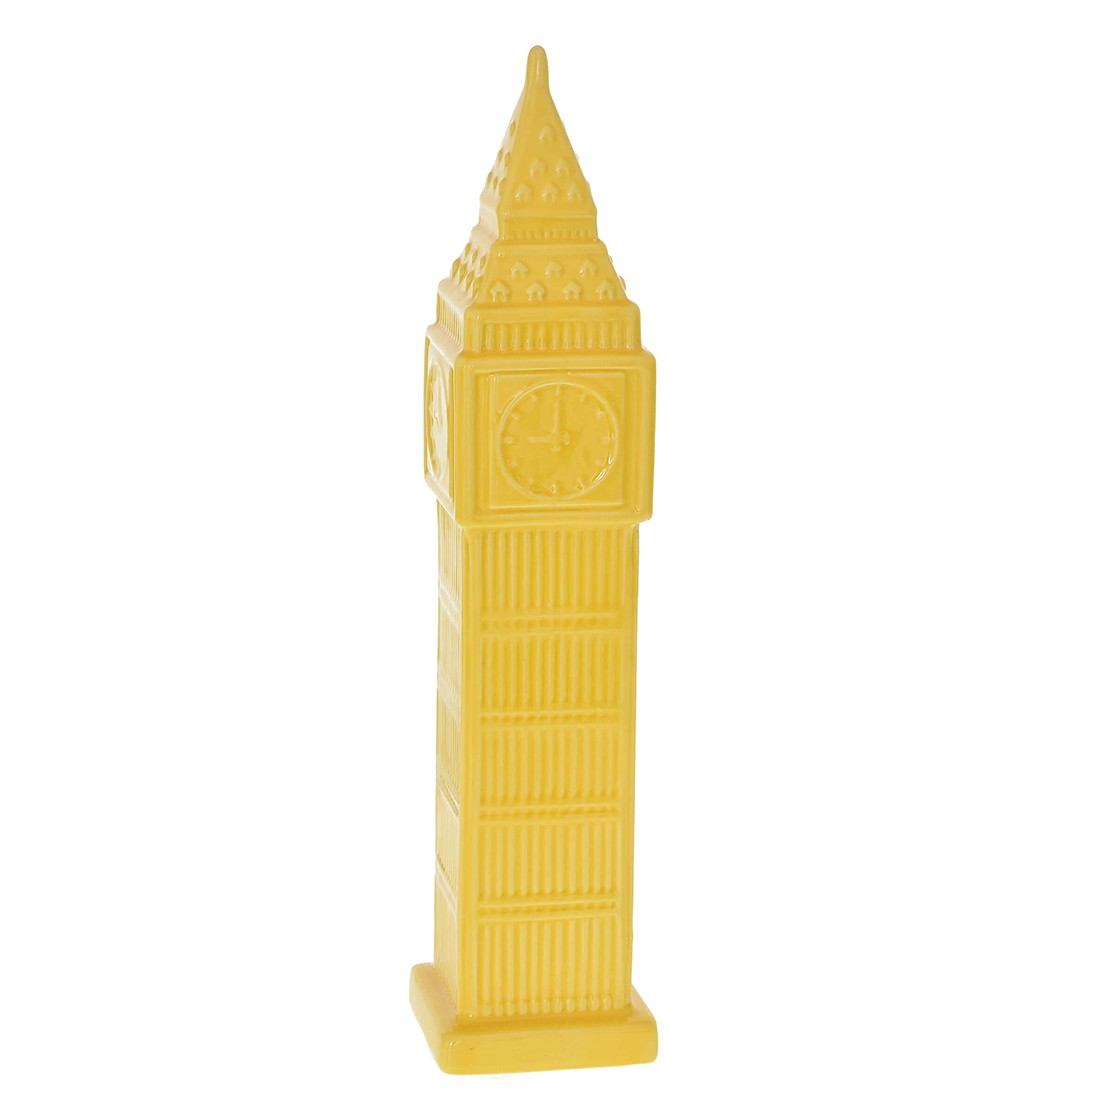 Enfeite Torre relogio 36cm de Ceramica Amarela - GPresentes